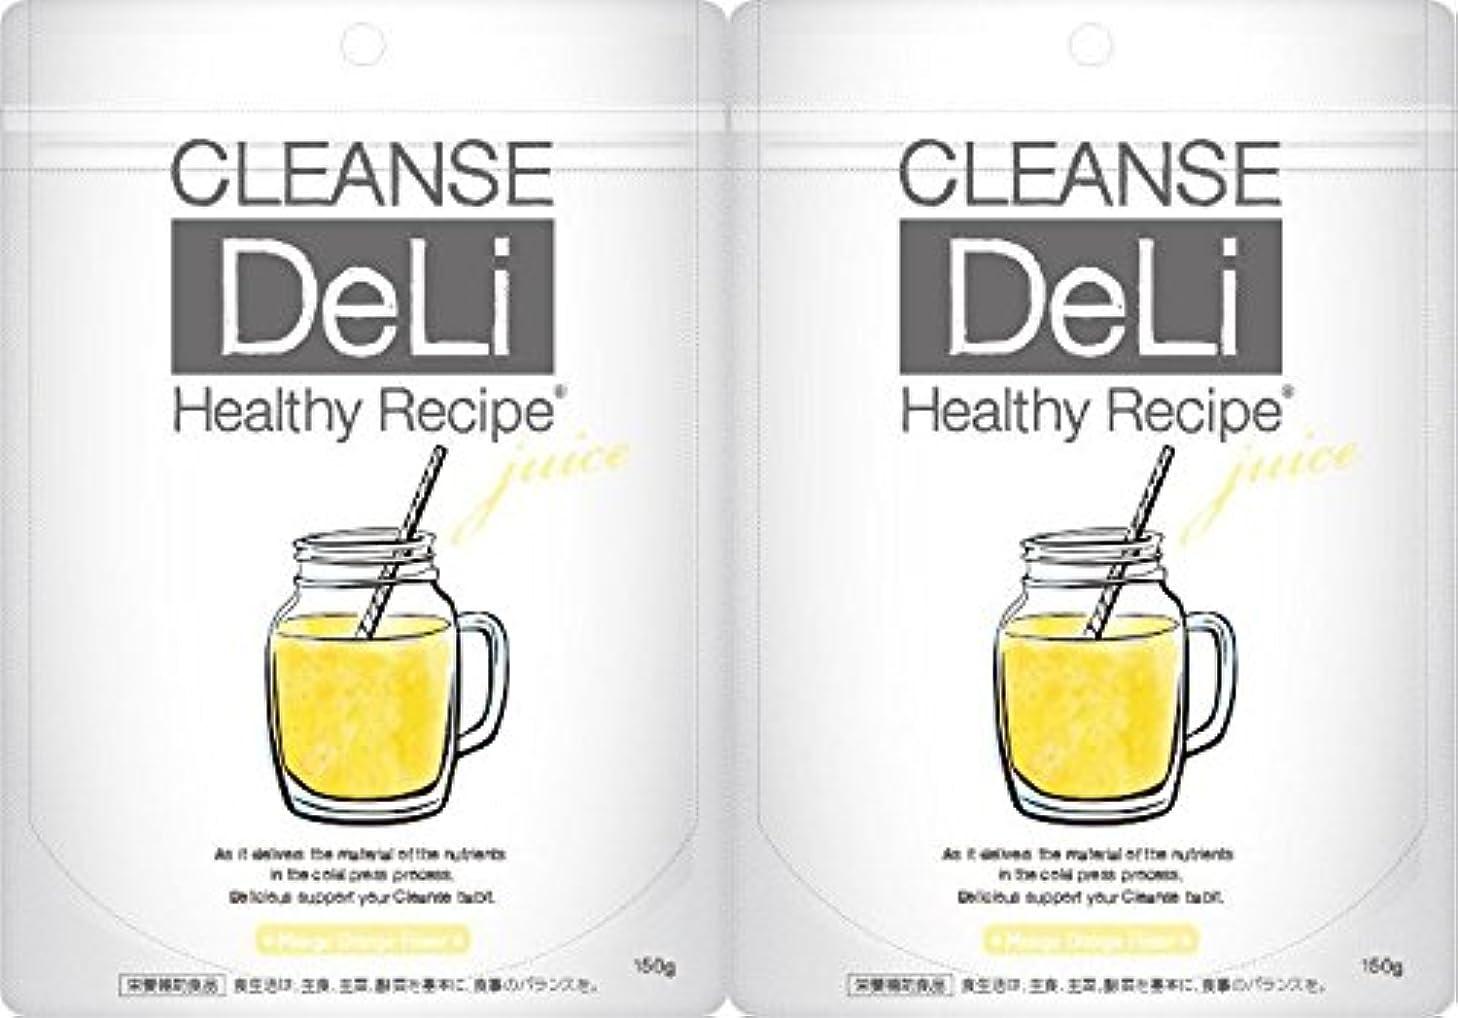 風刺灰戻す【2個セット】クレンズデリ ヘルシーレシピ マンゴーオレンジ 150g